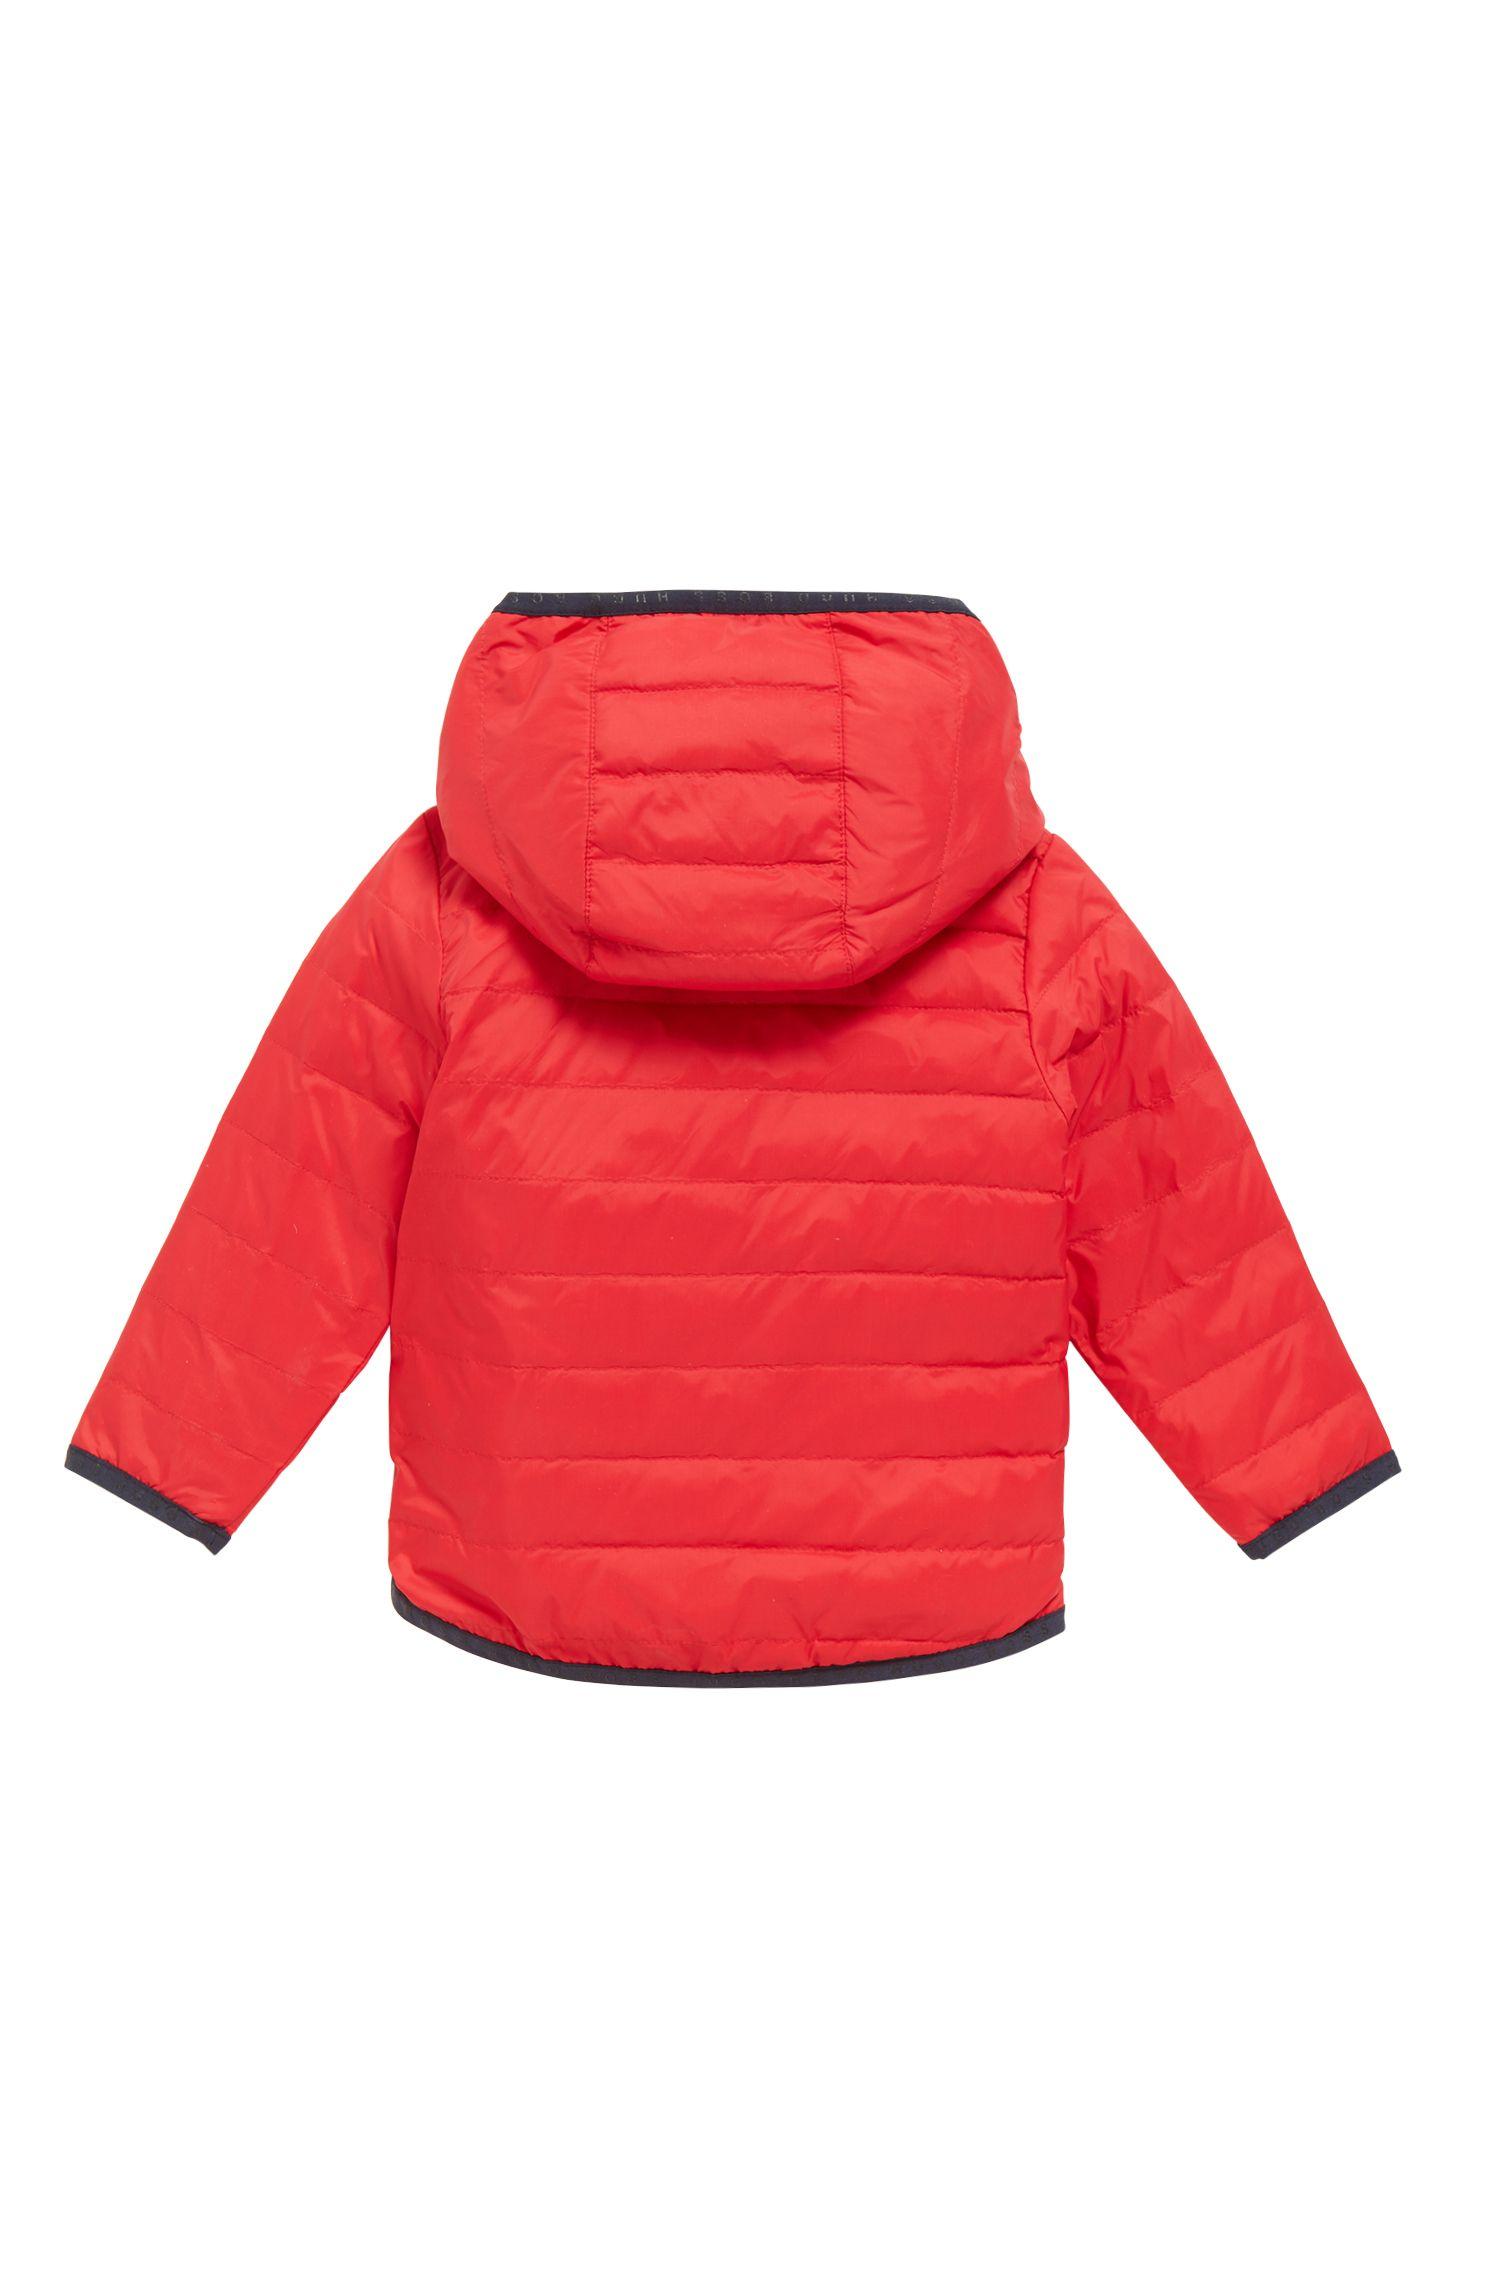 Doudoune Regular Fit pour enfant avec extérieur réversible, Rouge